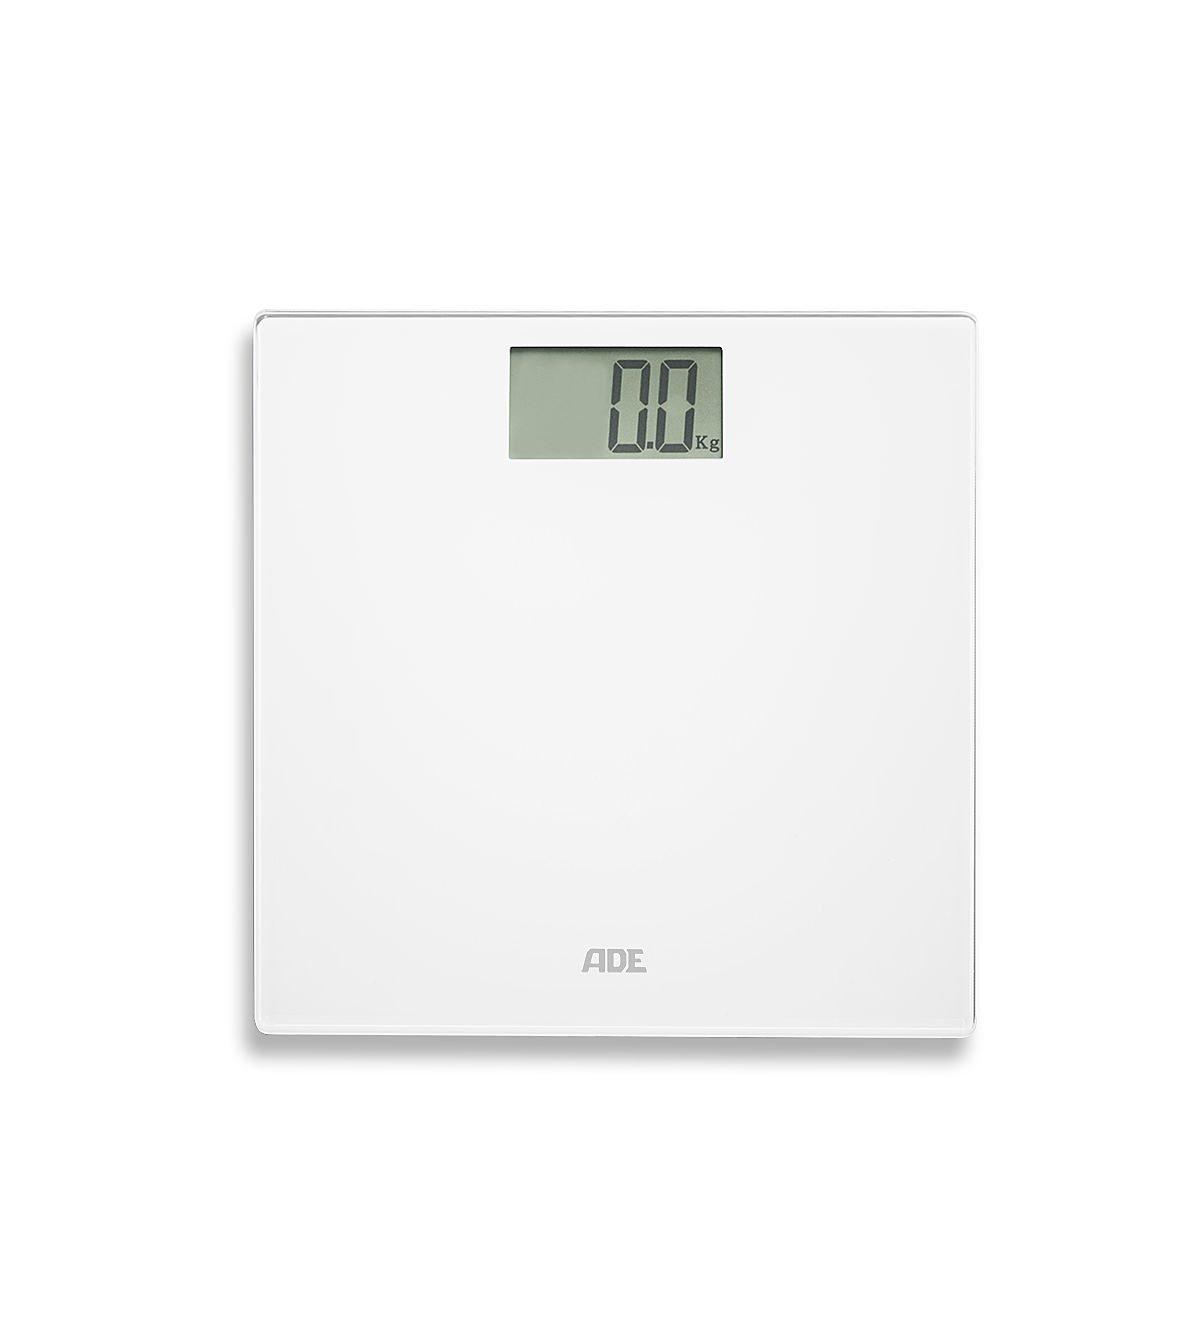 ADE BE1707 Bilancia pesapersone digitale. Superficie igienica ed elegante. Precisa fino a 180 kg. Batterie incl. Bianco